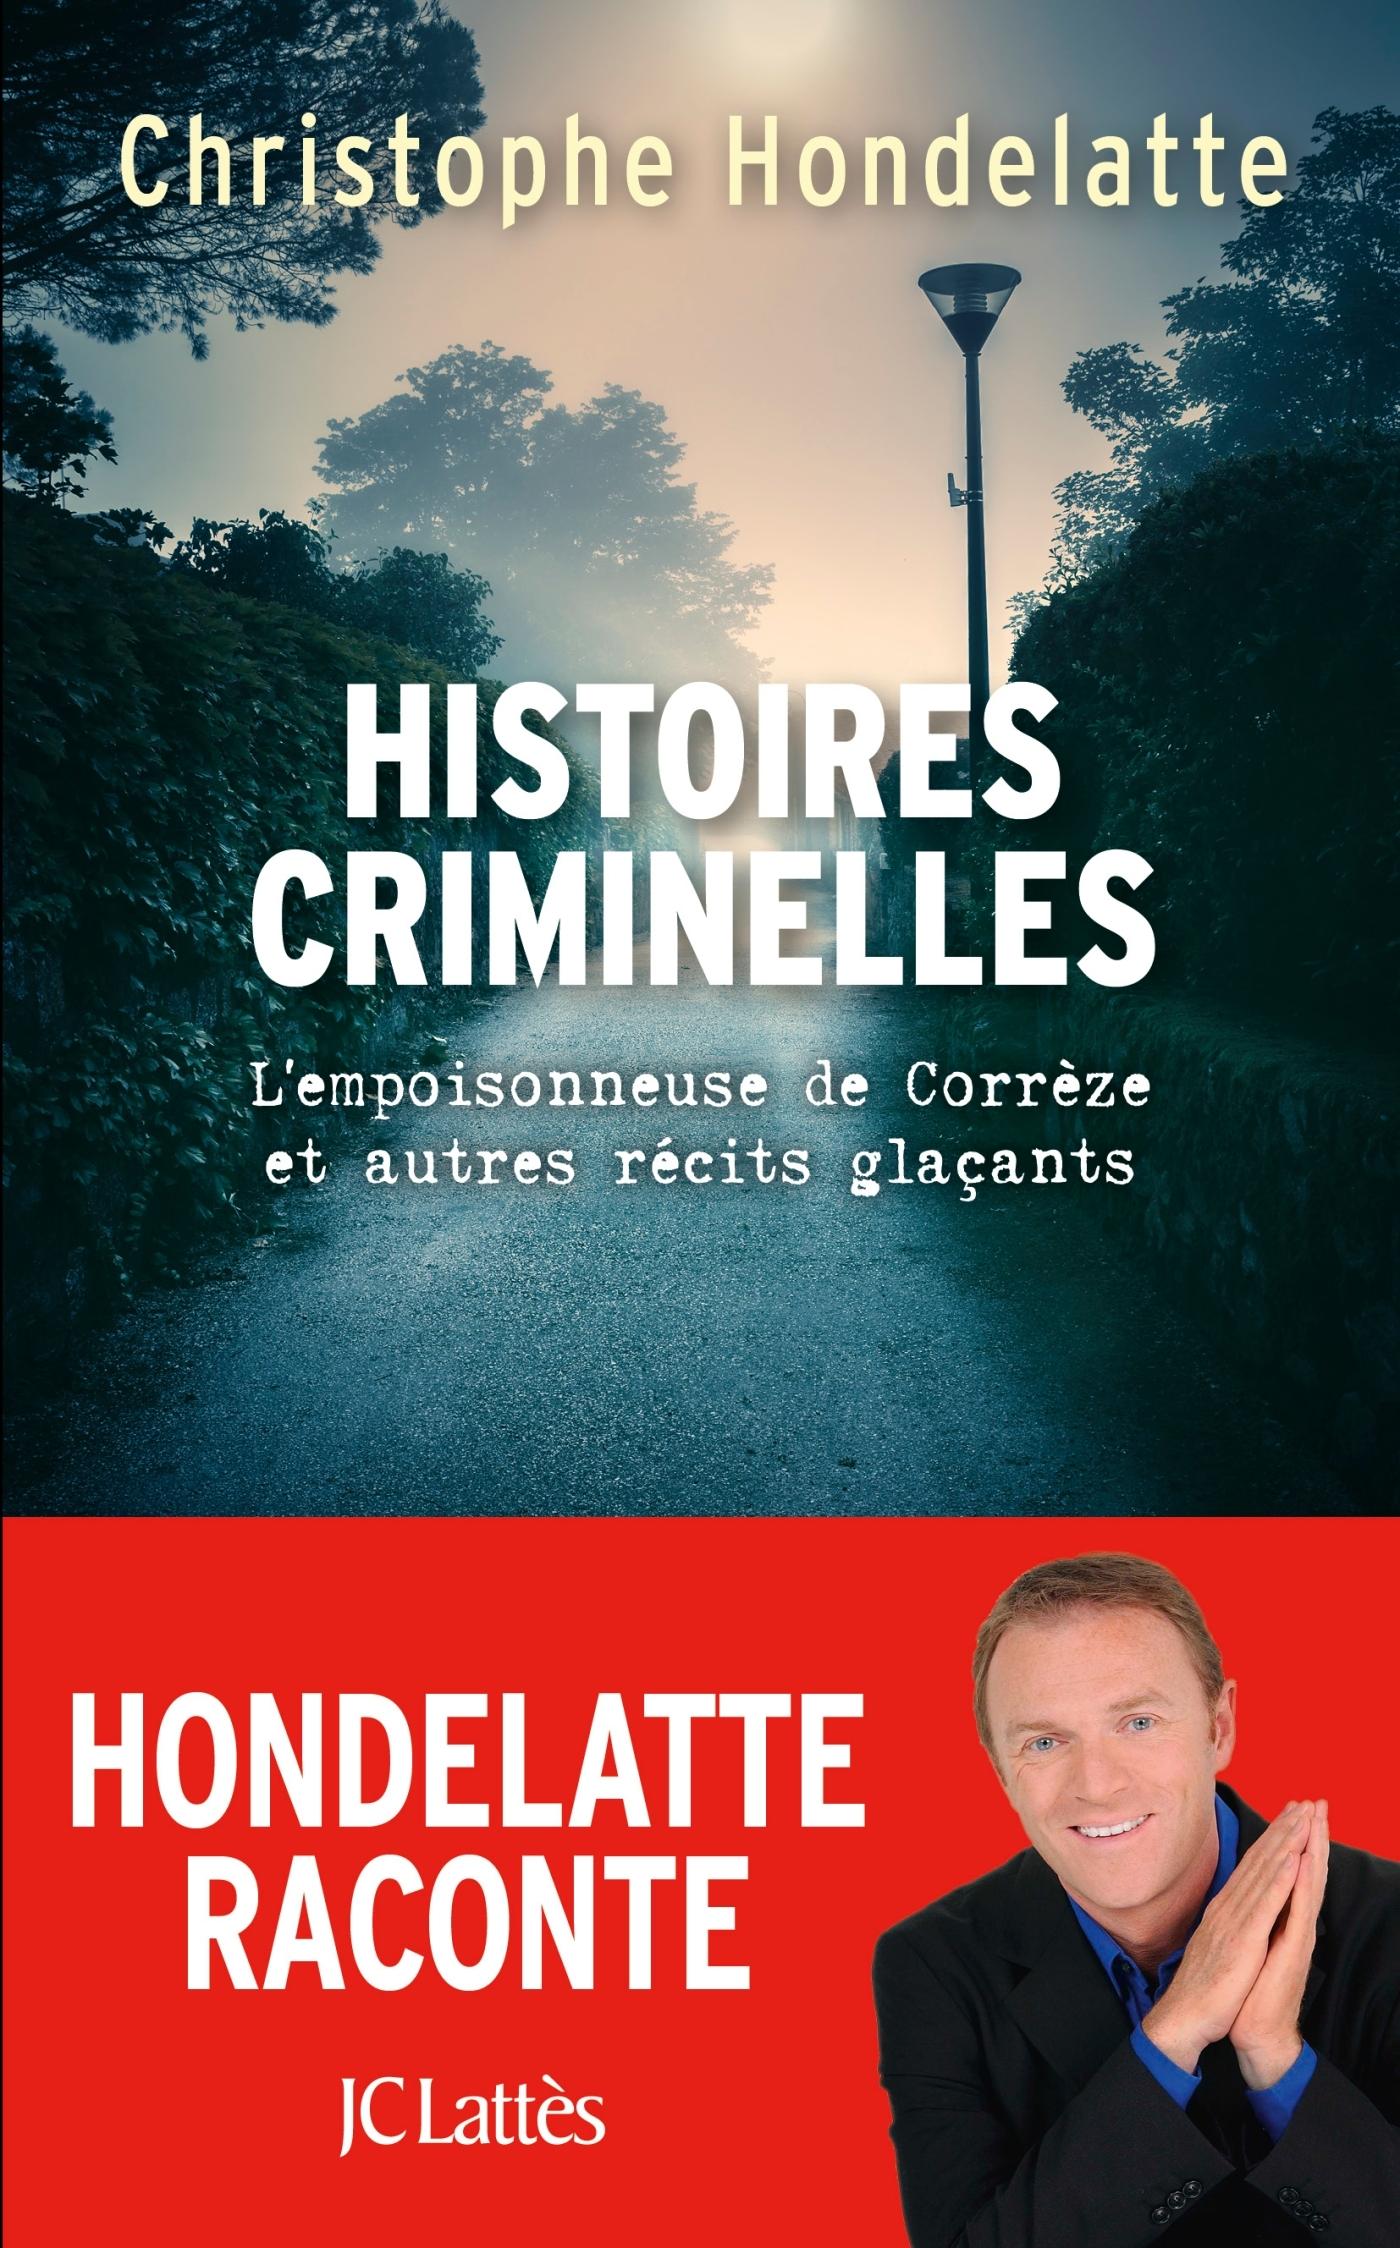 HISTOIRES CRIMINELLES - L'EMPOISONNEUSE DE CORREZE ET AUTRES RECITS GLACANTS.